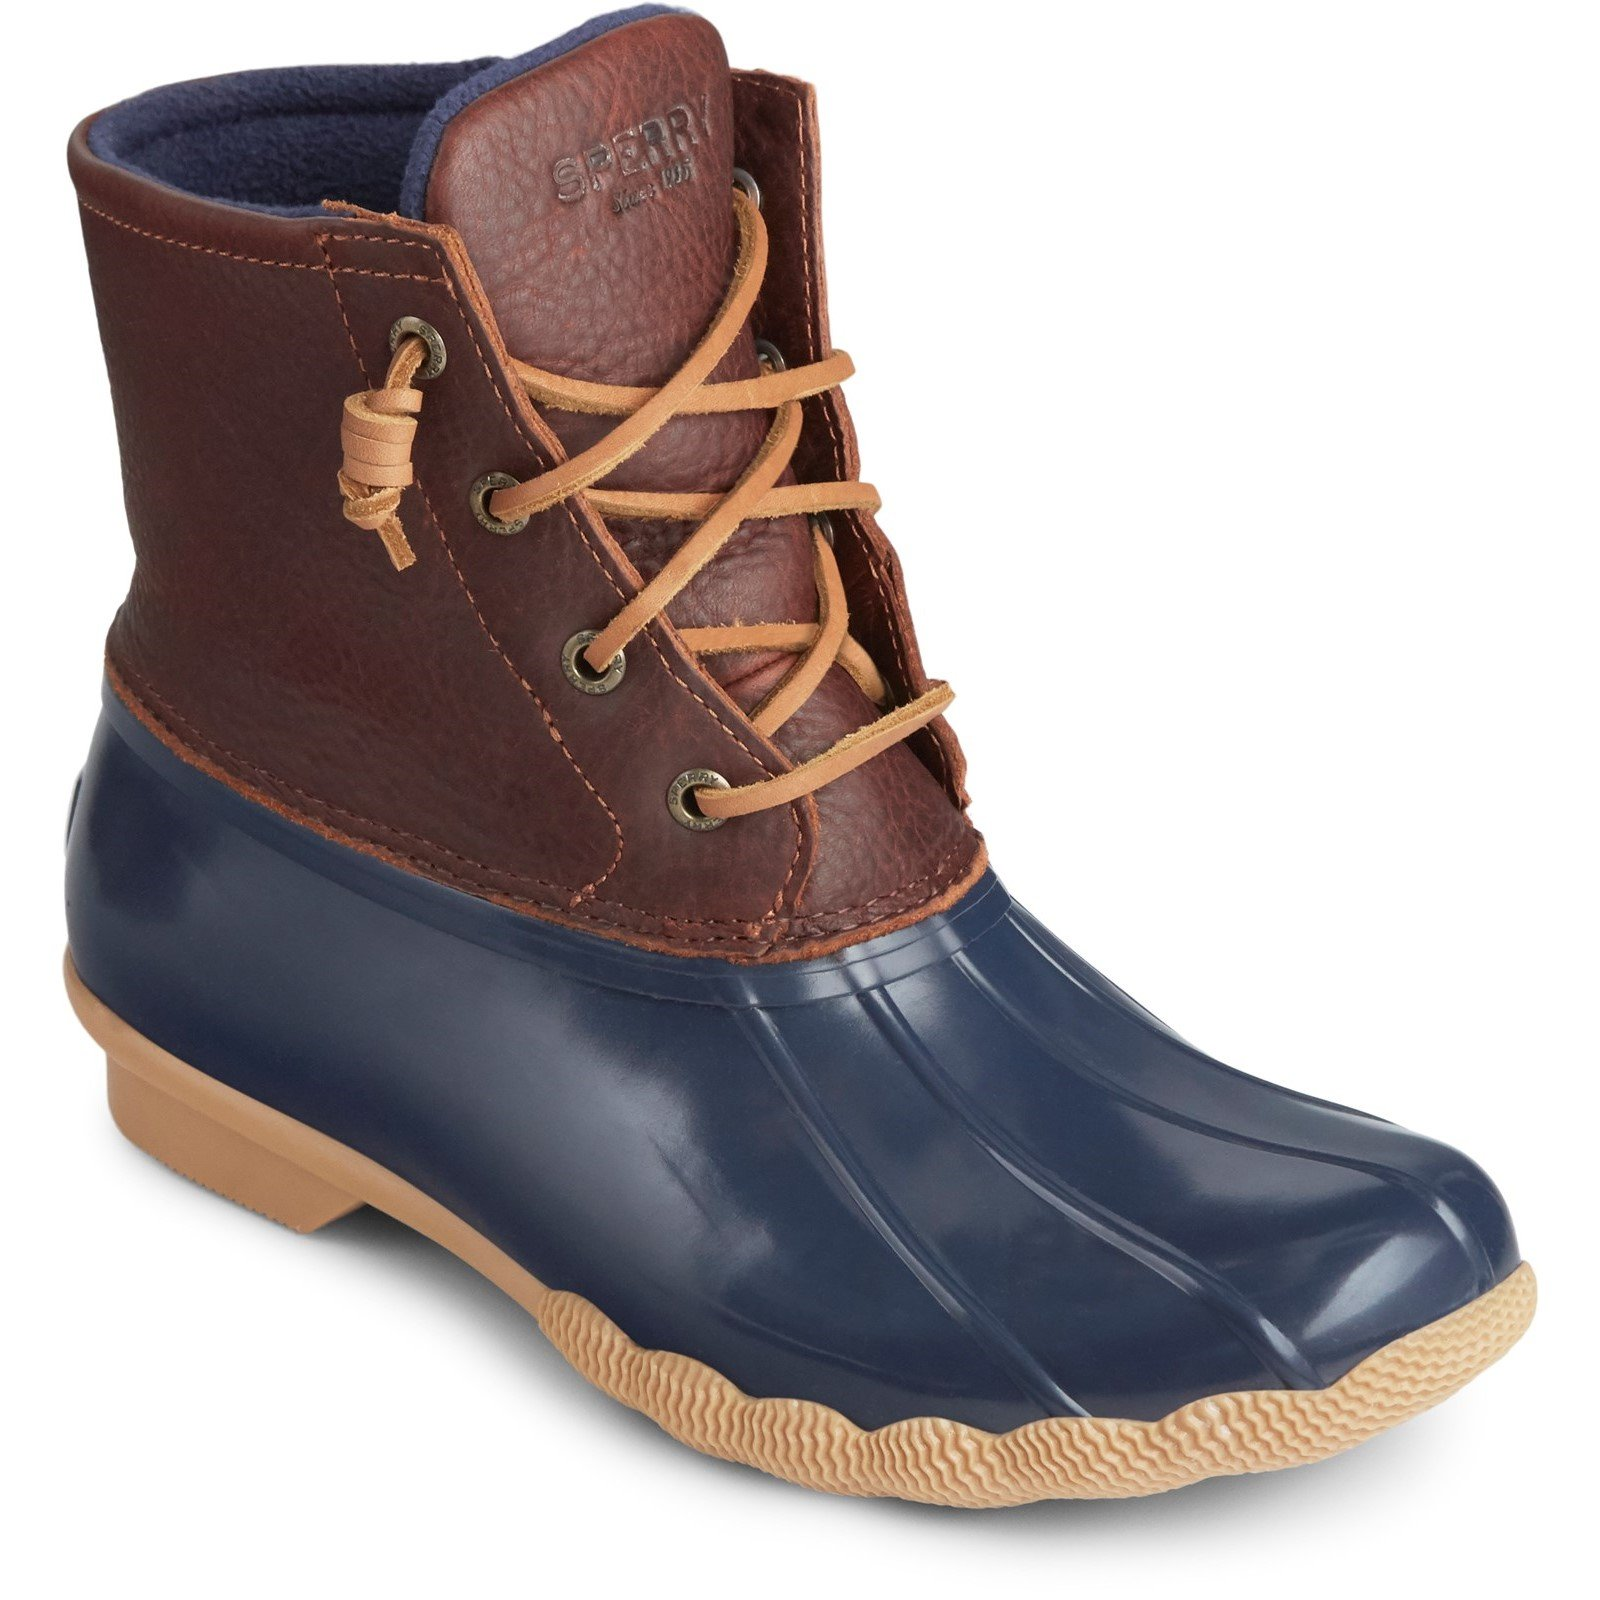 Sperry Women's Saltwater Duck Weather Boot Muticolor 32237 - Tan/Navy 5